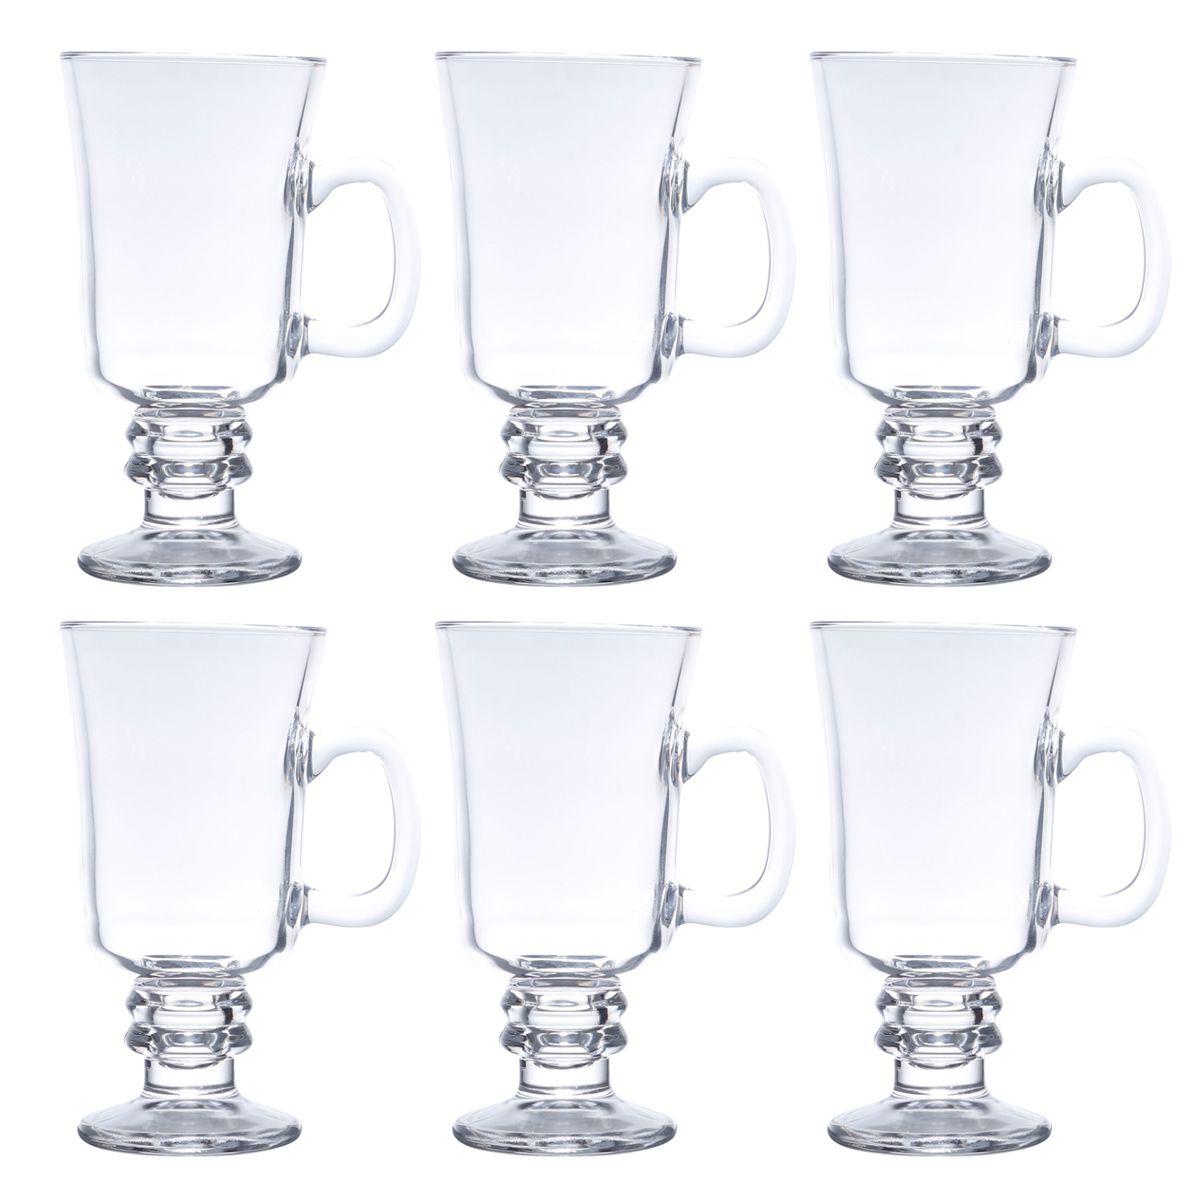 Jogo 6 copos 295ml para cappuccino e café de vidro transparente com alça e pé Lyor - L6614